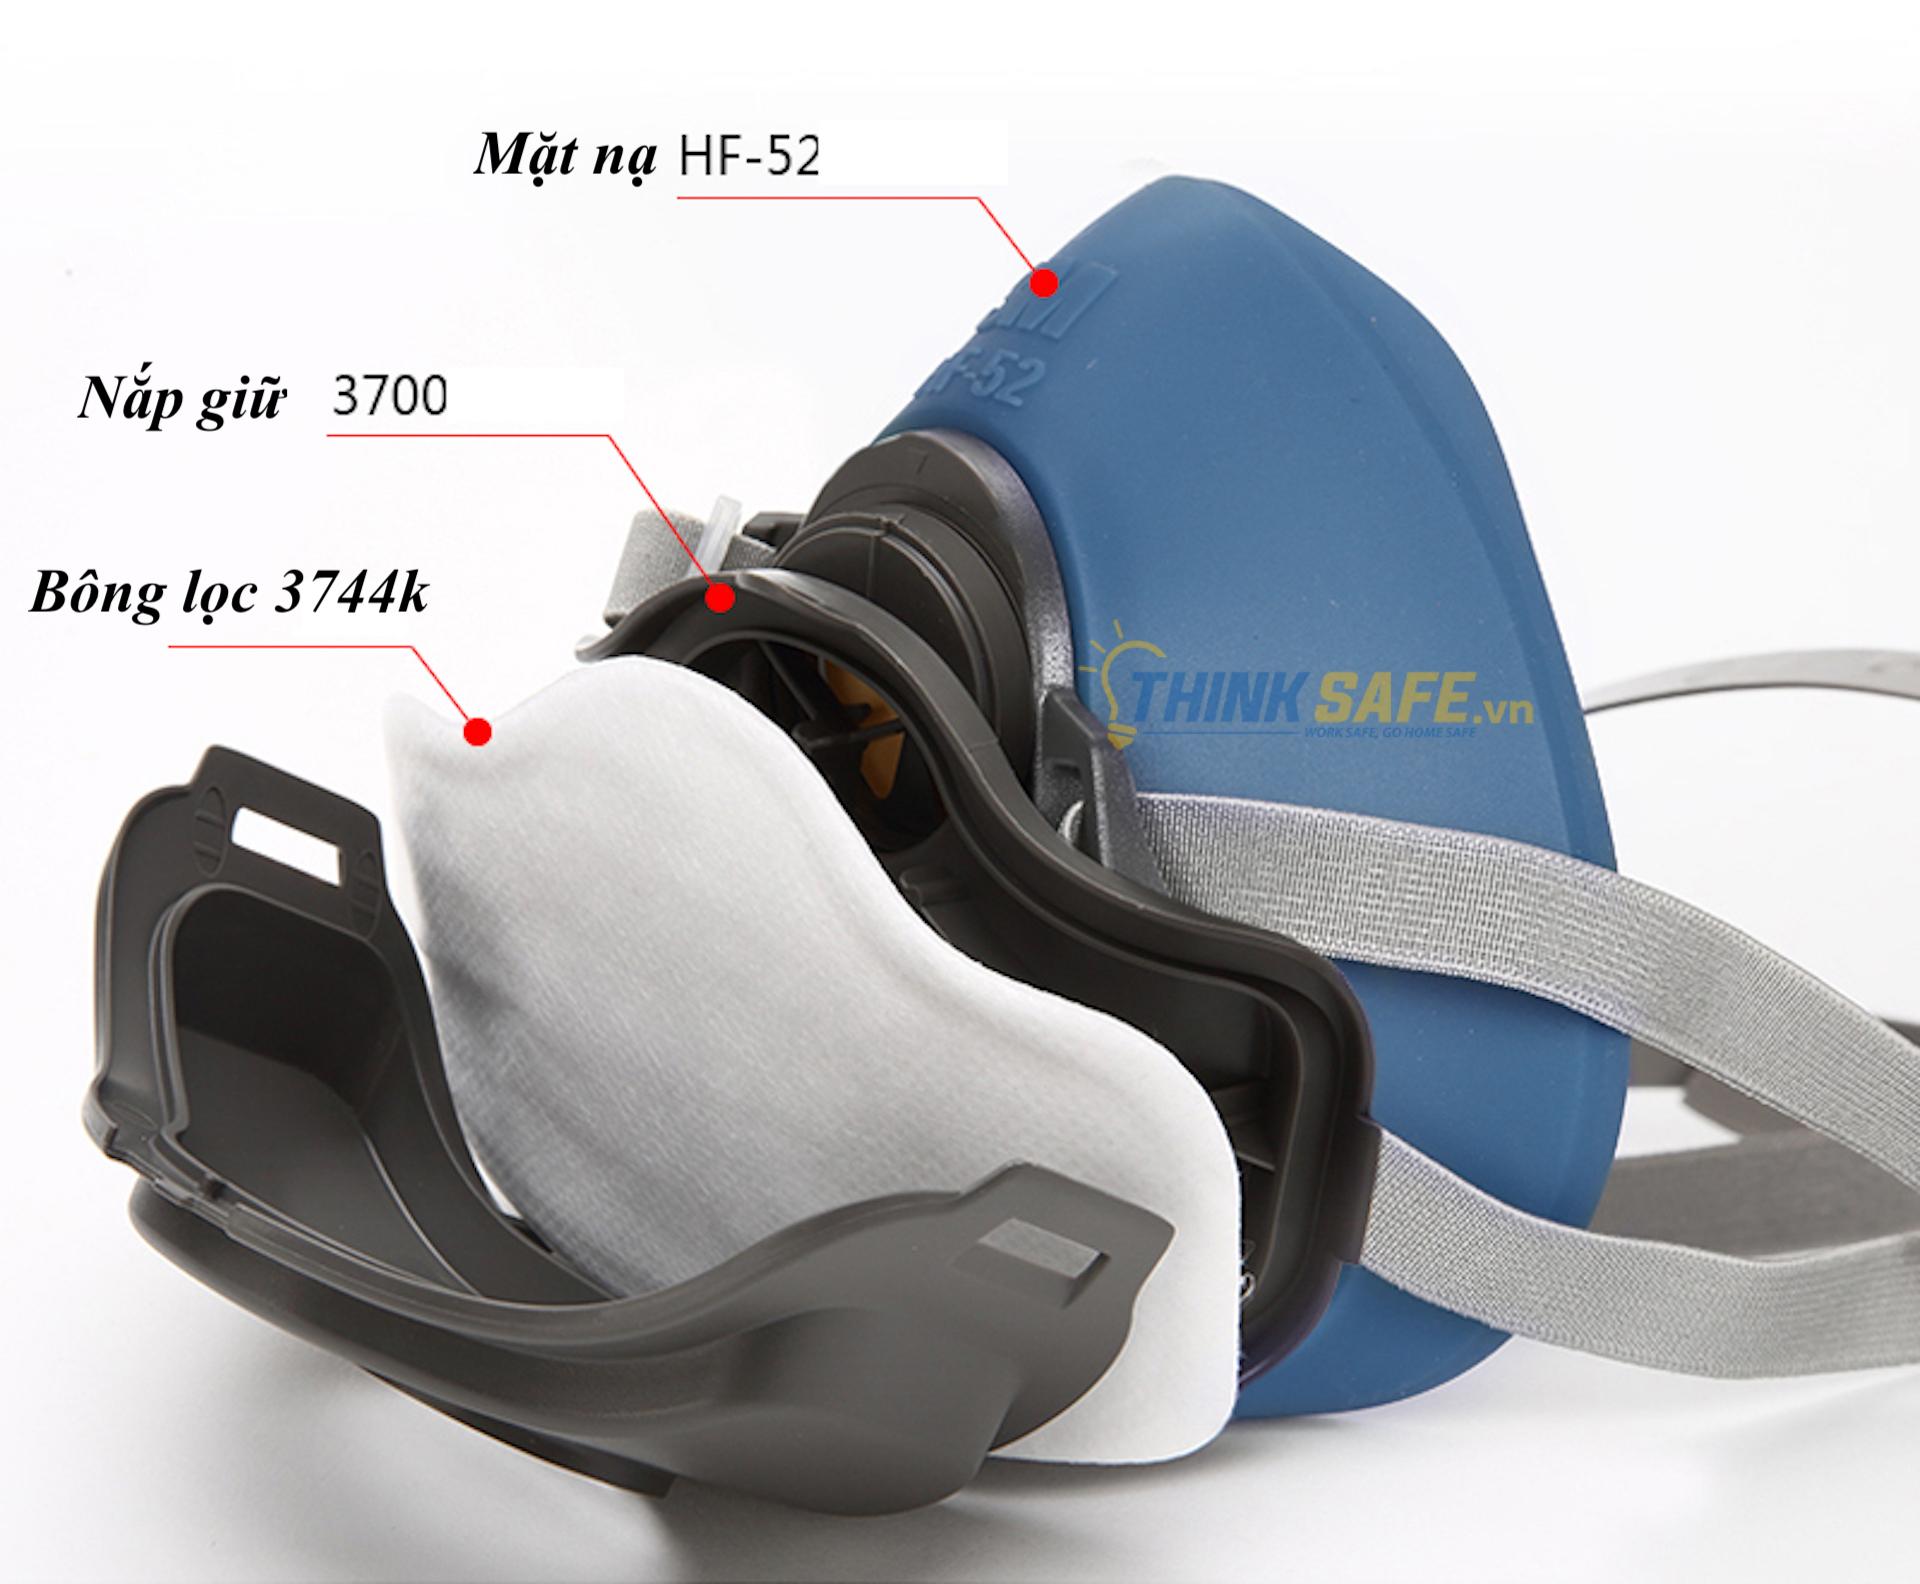 Mặt nạ phòng độc 3M HF52 kèm 10 tấm lọc 3744K, mặt nạ lọc bụi, lọc hơi/khí độc (HF52-3744K/10-3700)